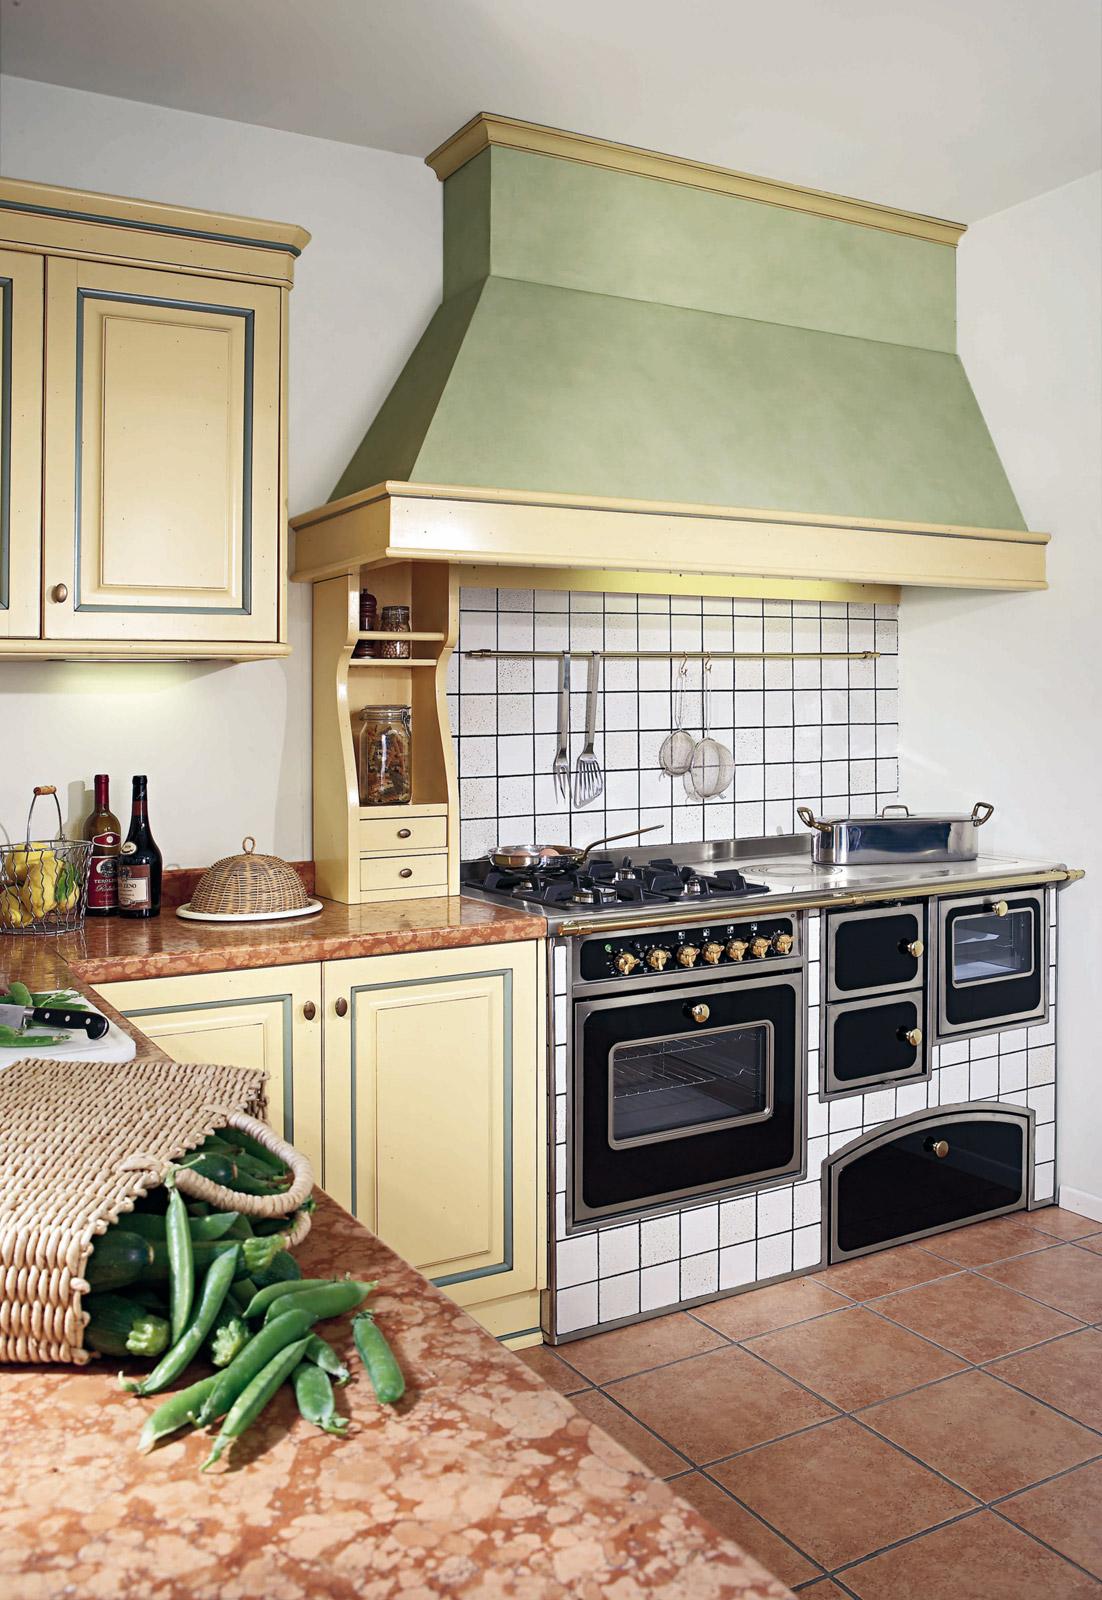 Cucina Rustica Economica. Trendy Cucina Rustica Prezzi With Cucina ...